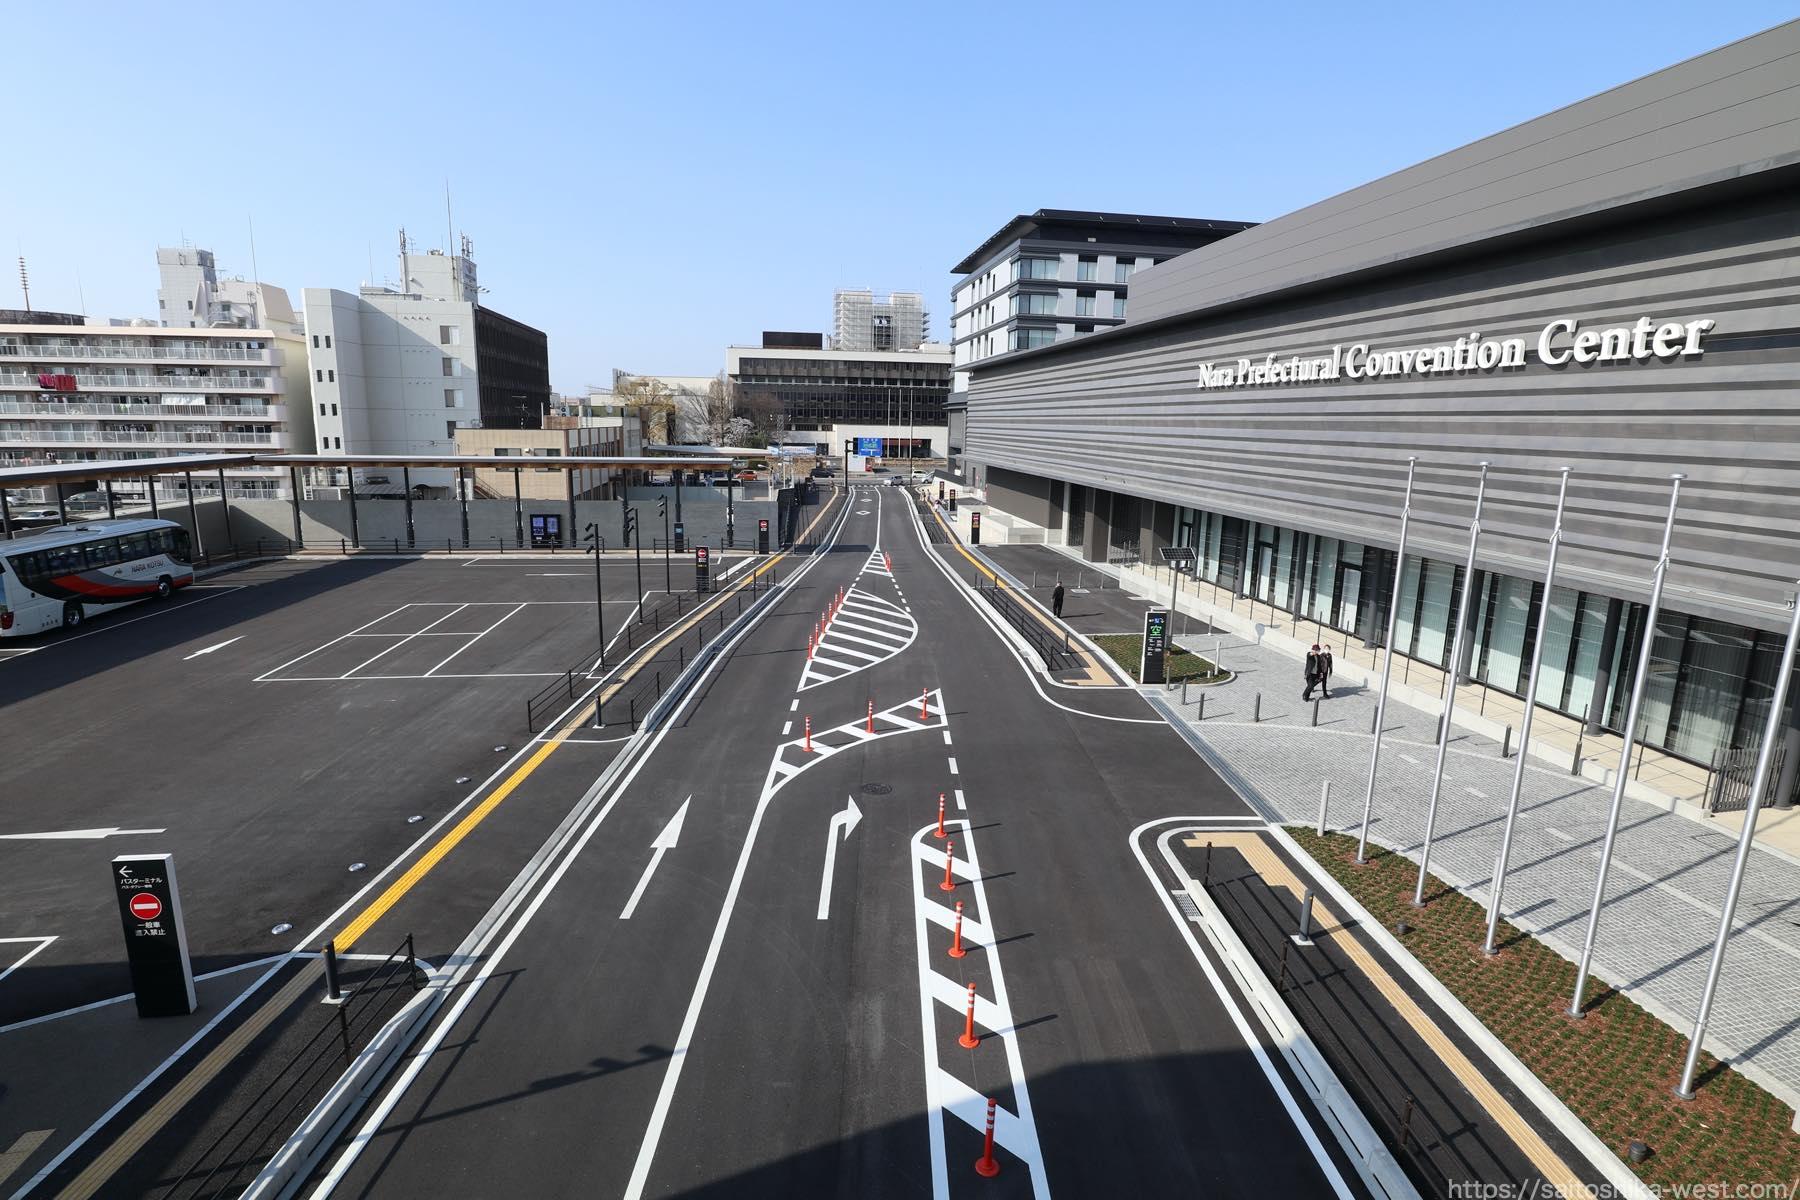 奈良 コンベンション センター